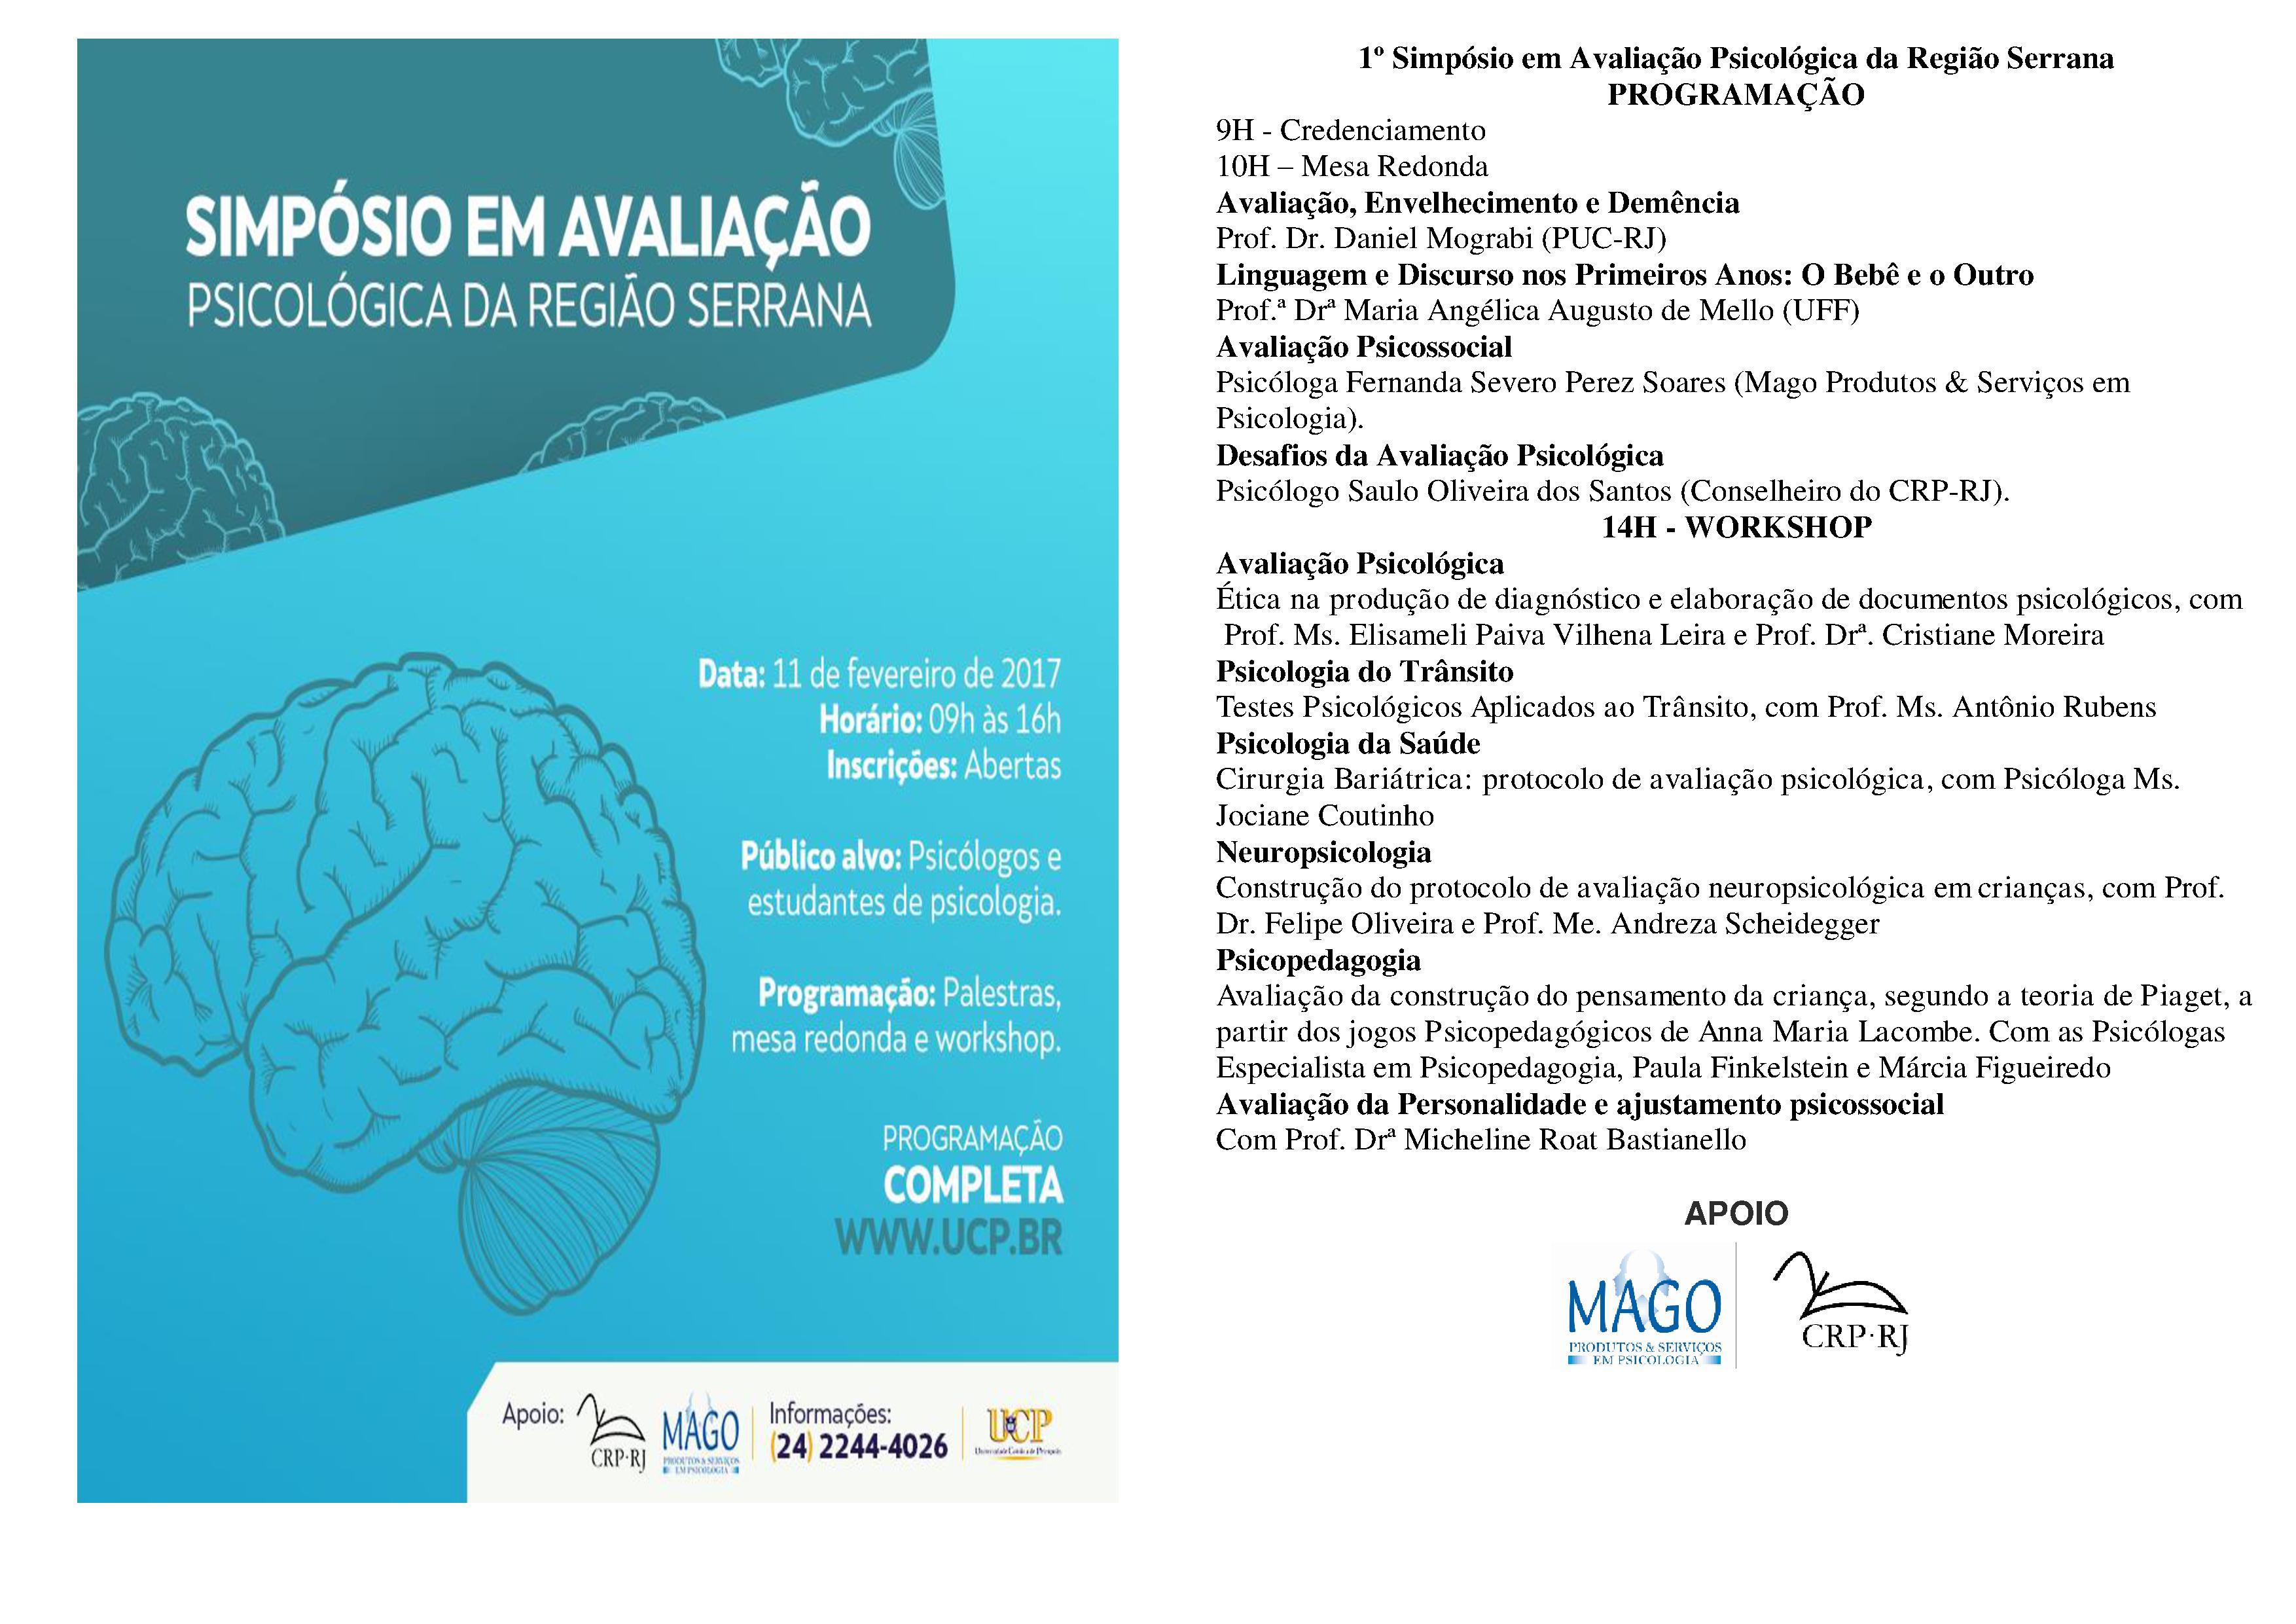 1 Simpósio em Avaliação Psicológica da Região Serrana - RJ